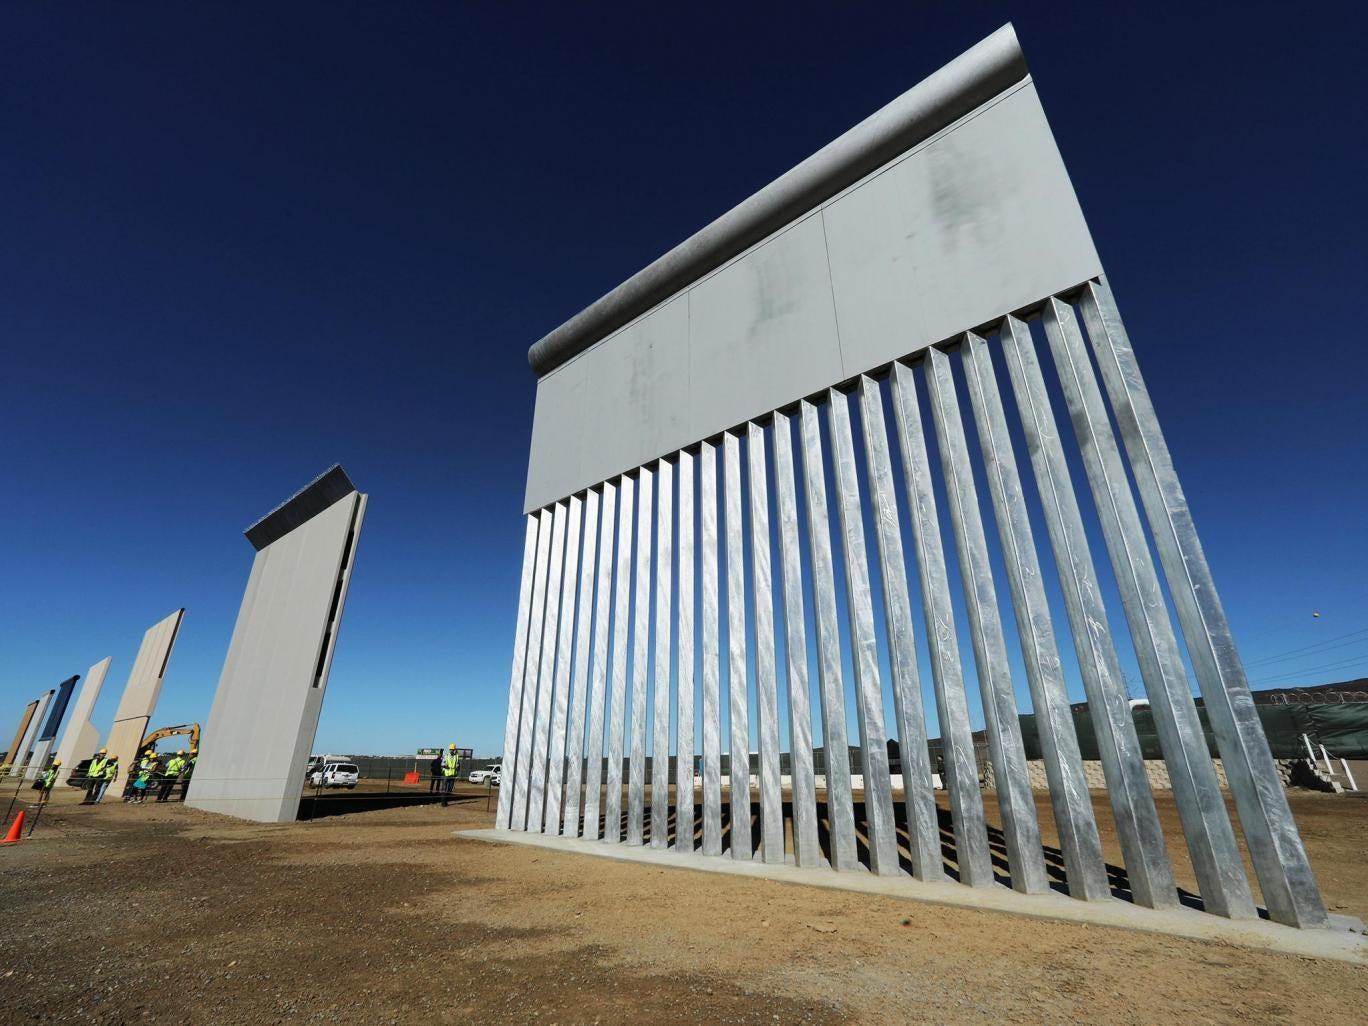 Trump Border Wall Prototype: Which design will win ...